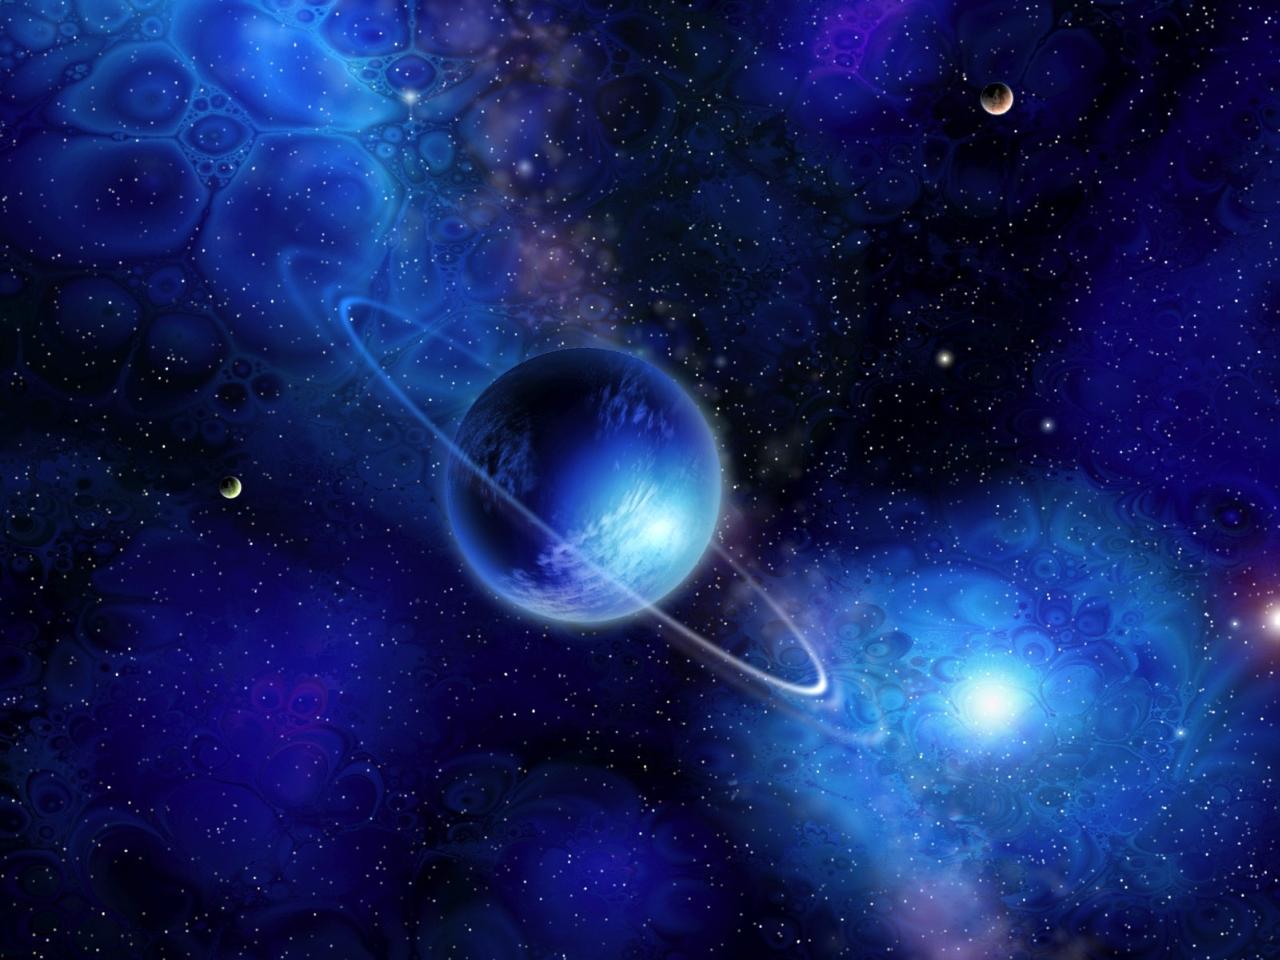 صورة خلفيات فضاء , صور من الكون الواسع